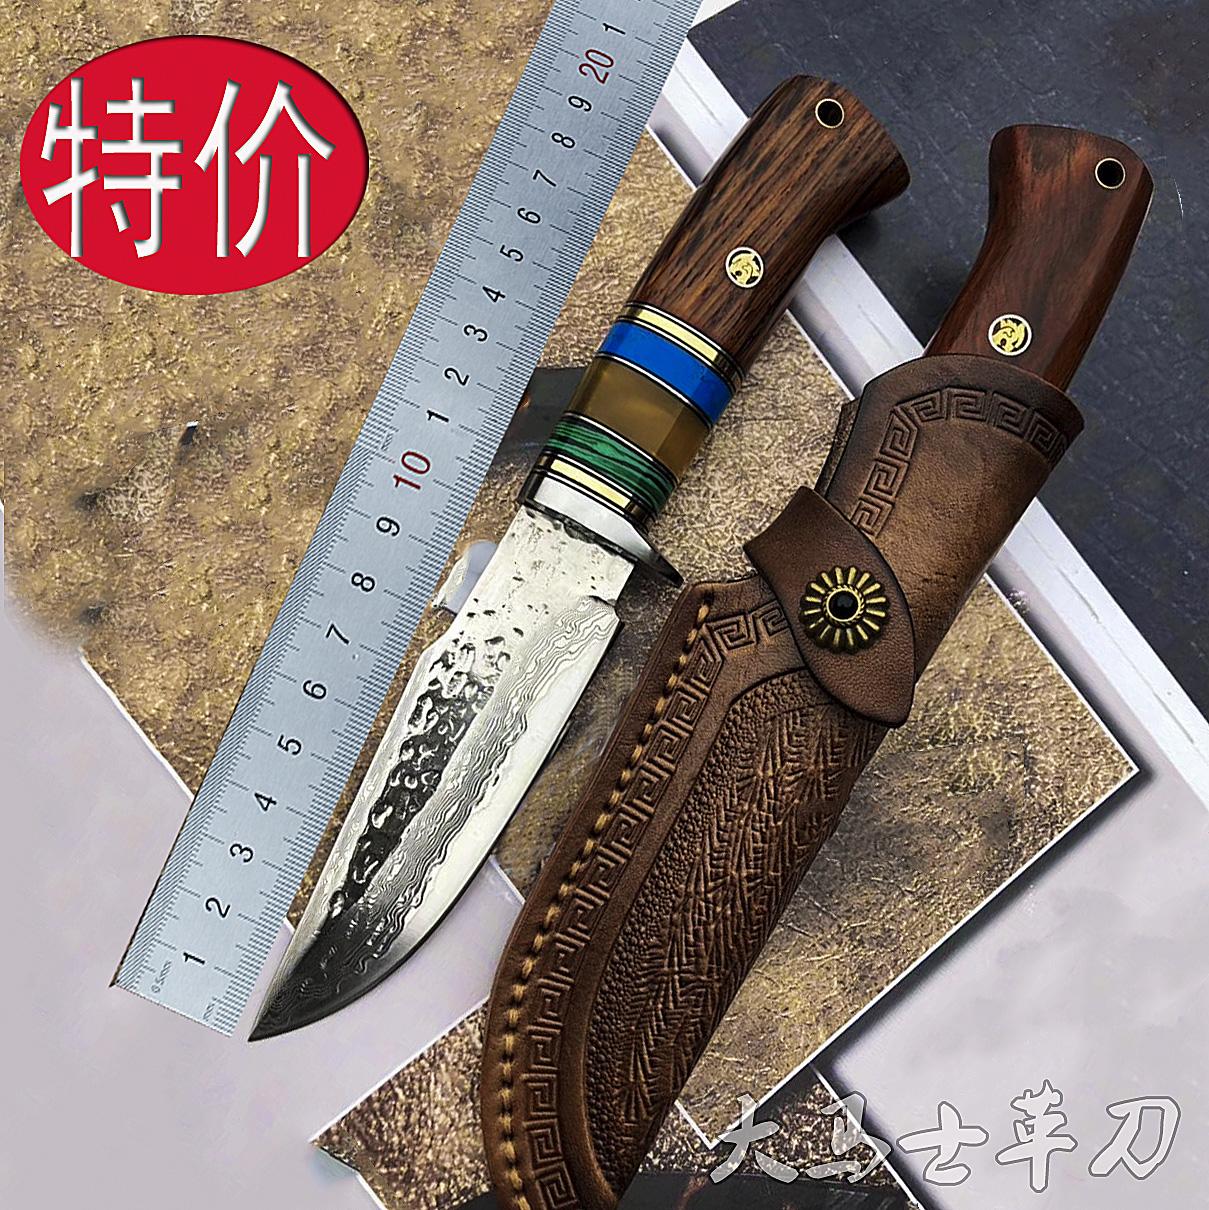 日本进口VG10锻打大马士革钢刀防身户外小直刀求生花纹钢水果刀具